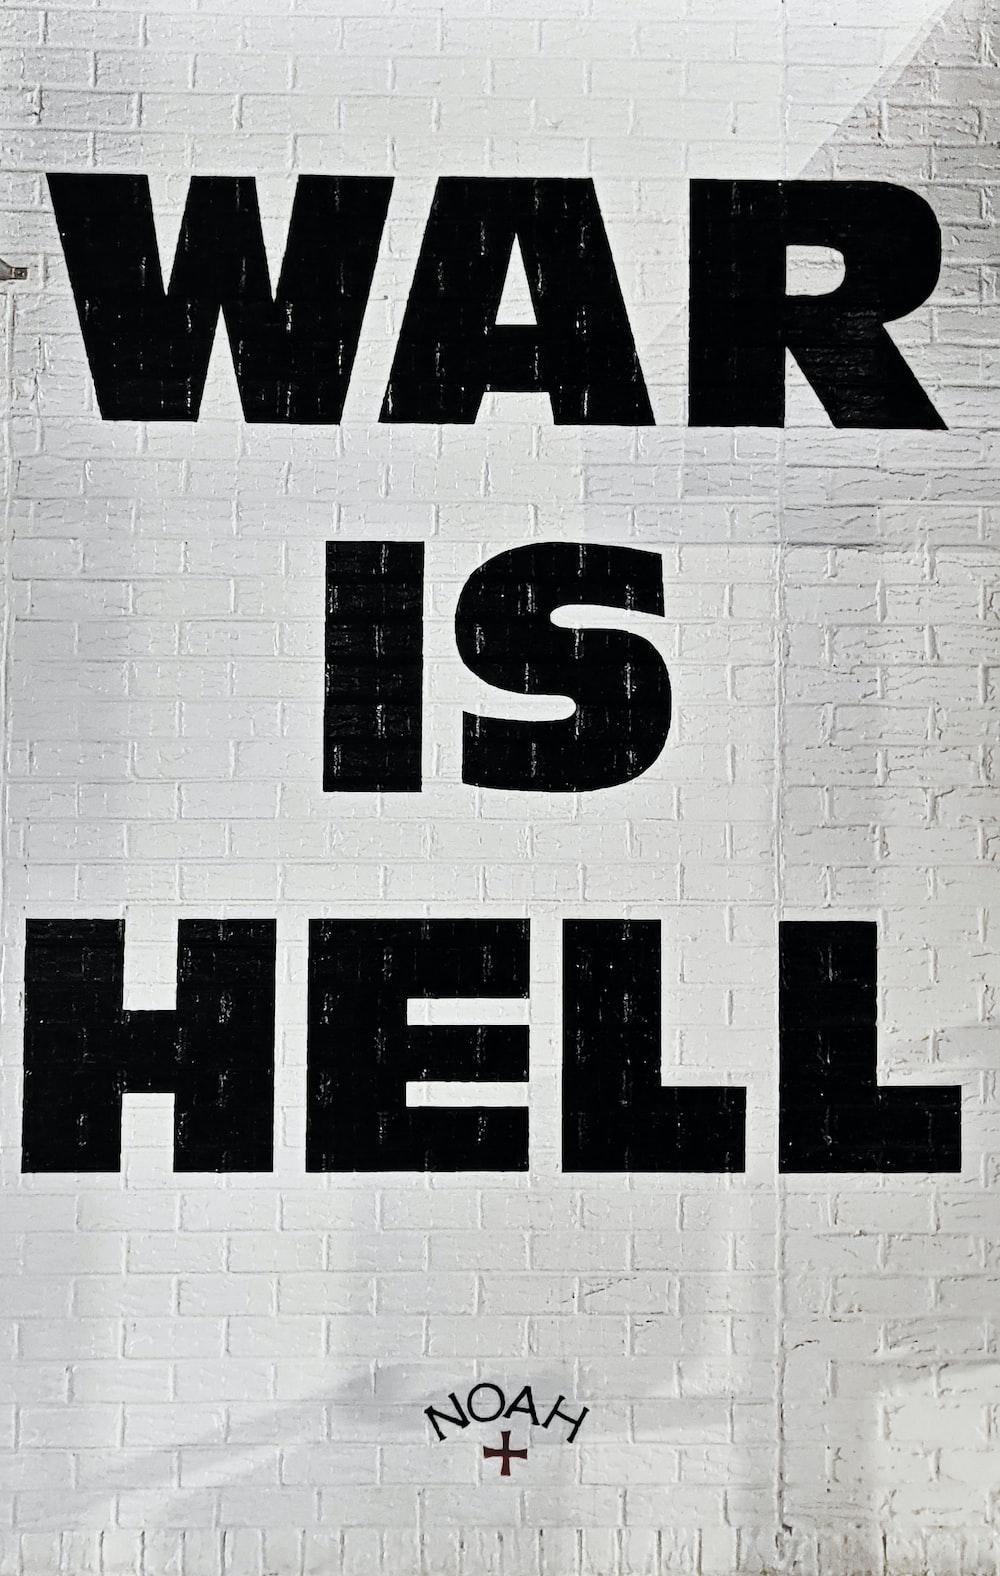 war is hell graffiti